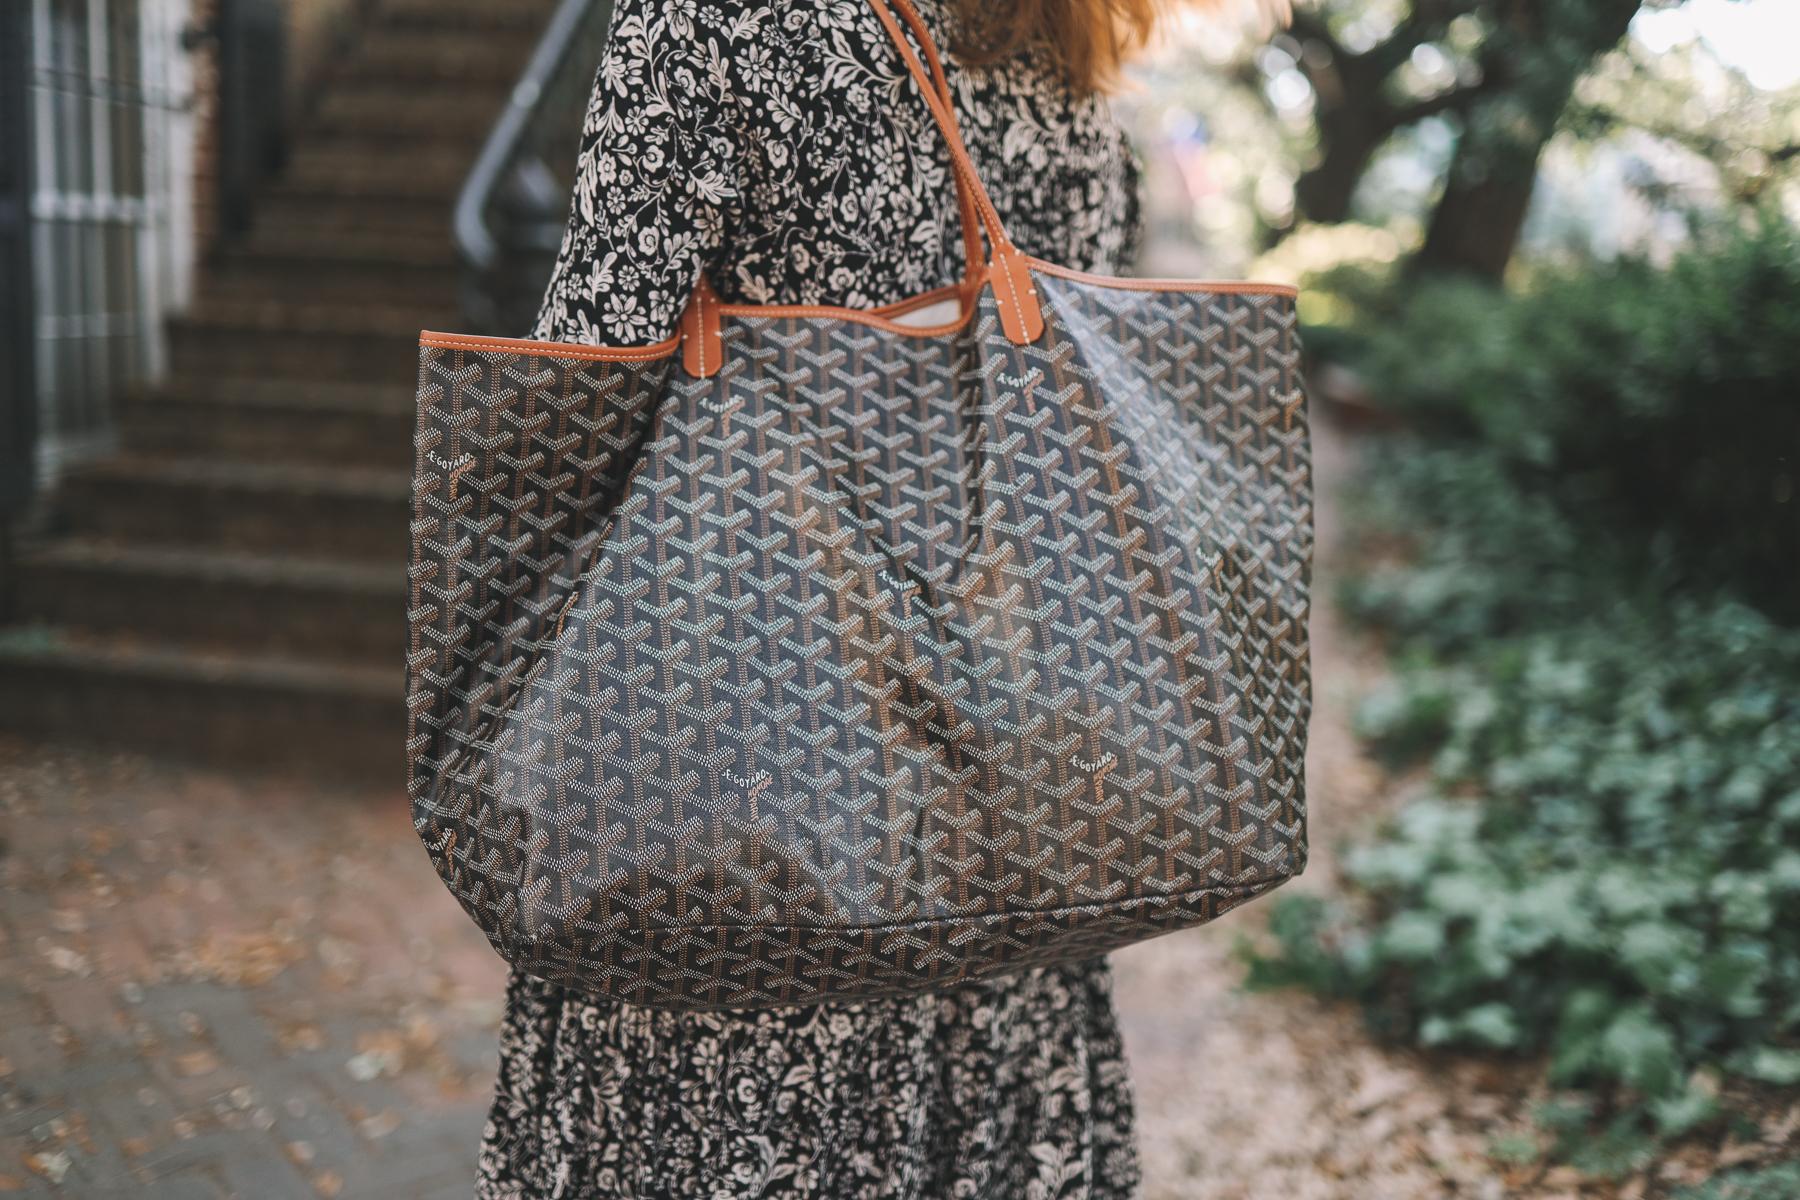 Goyard Bag review